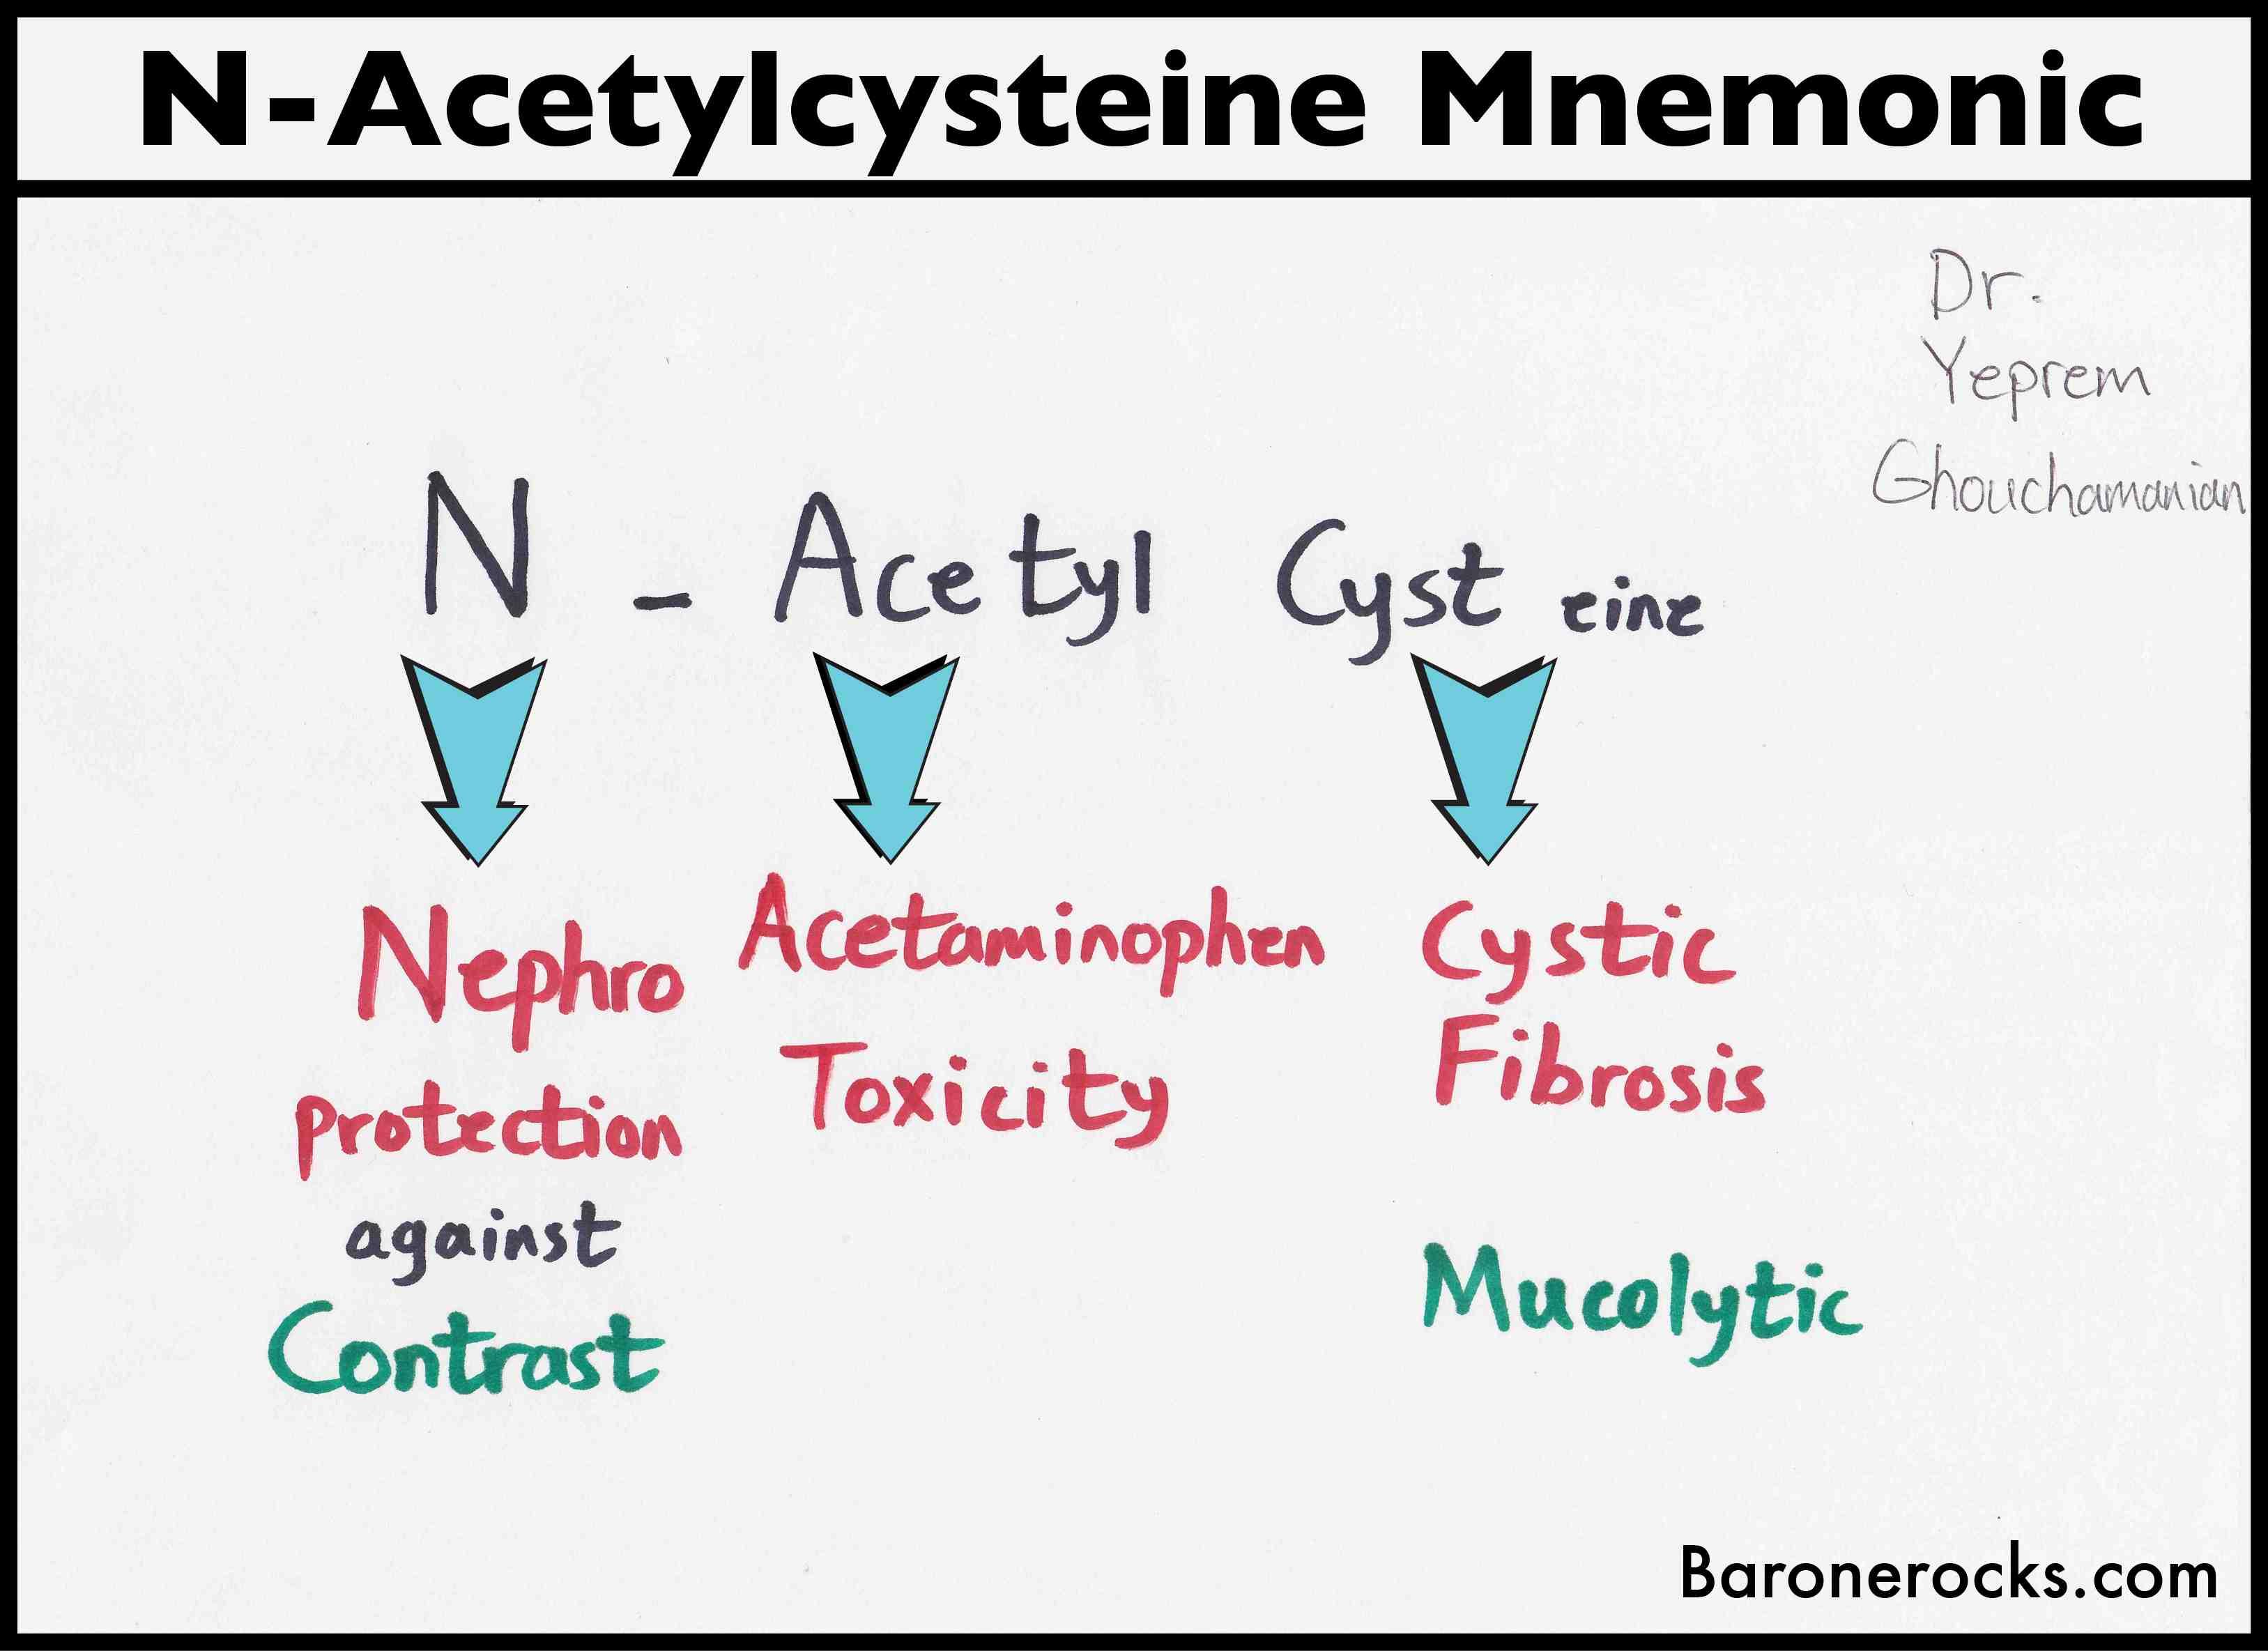 N-acetylcysteine Mnemonic - Baronerocks.com